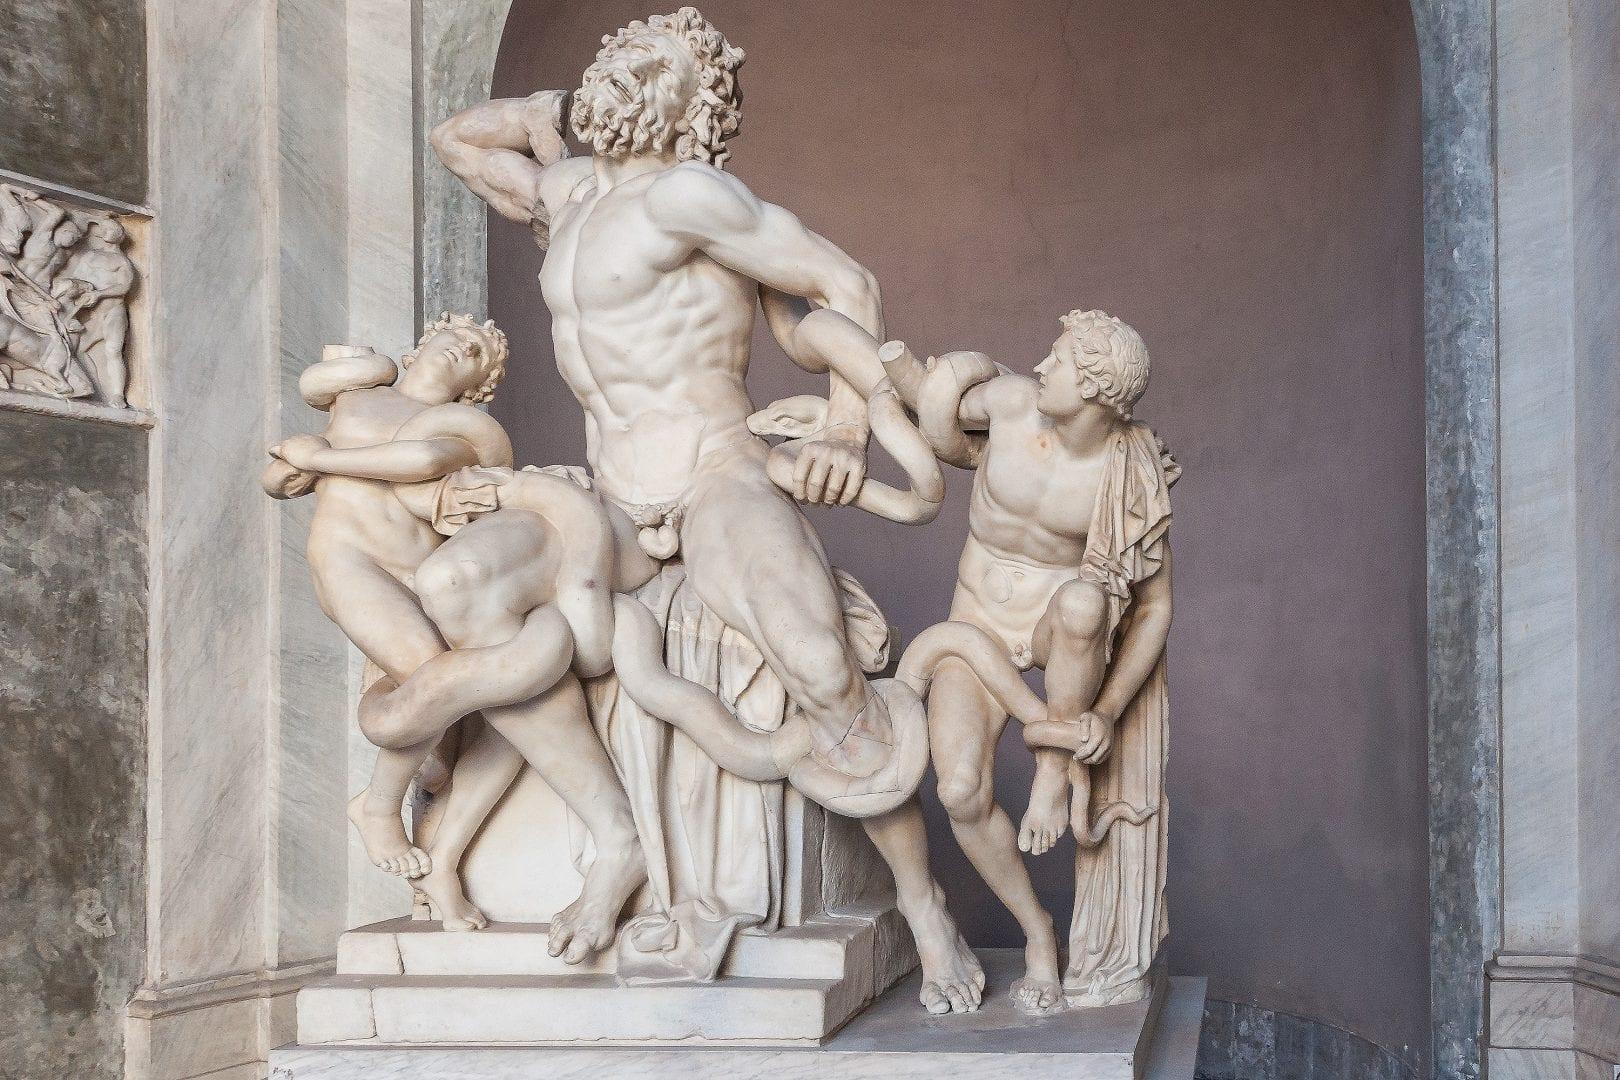 Estátuas gregas - Como elas realmente eram e por que estão nuas?